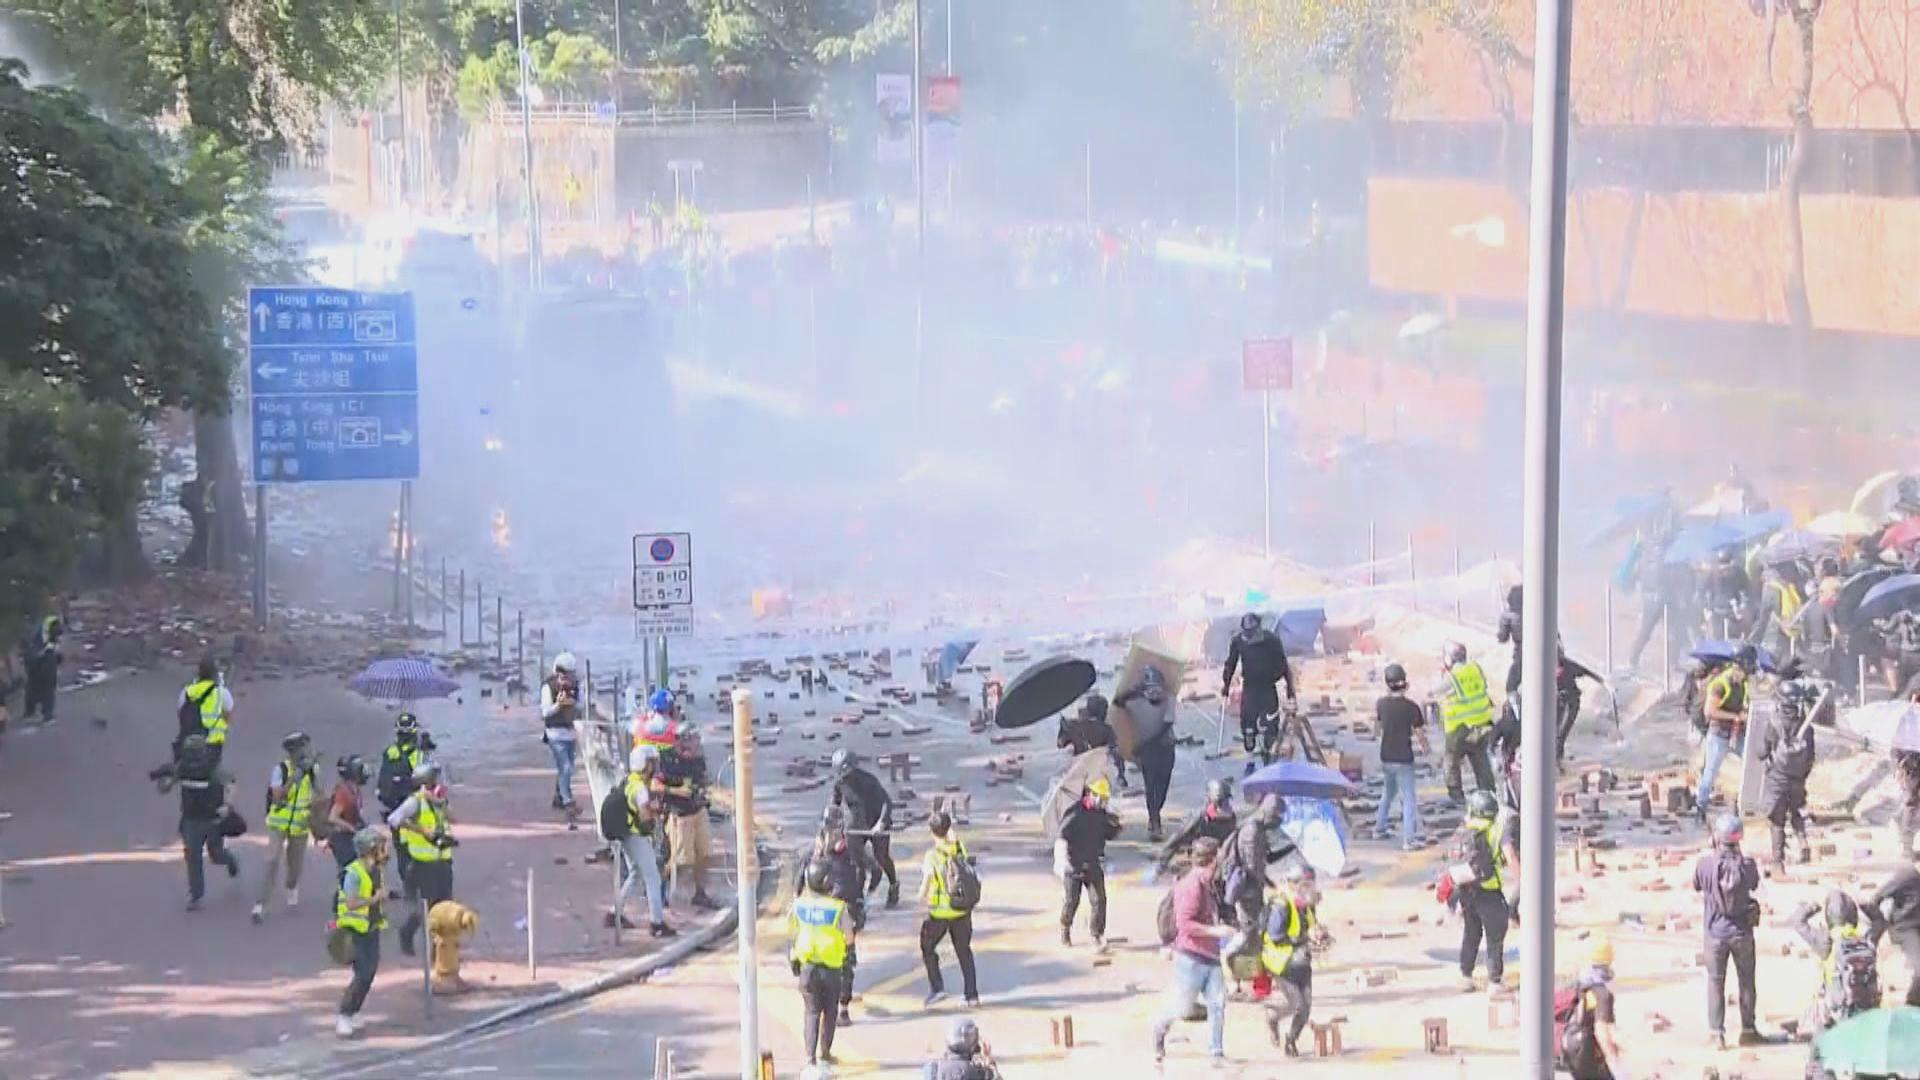 去年理大衝突13人被起訴今提堂 兩人被控暴動